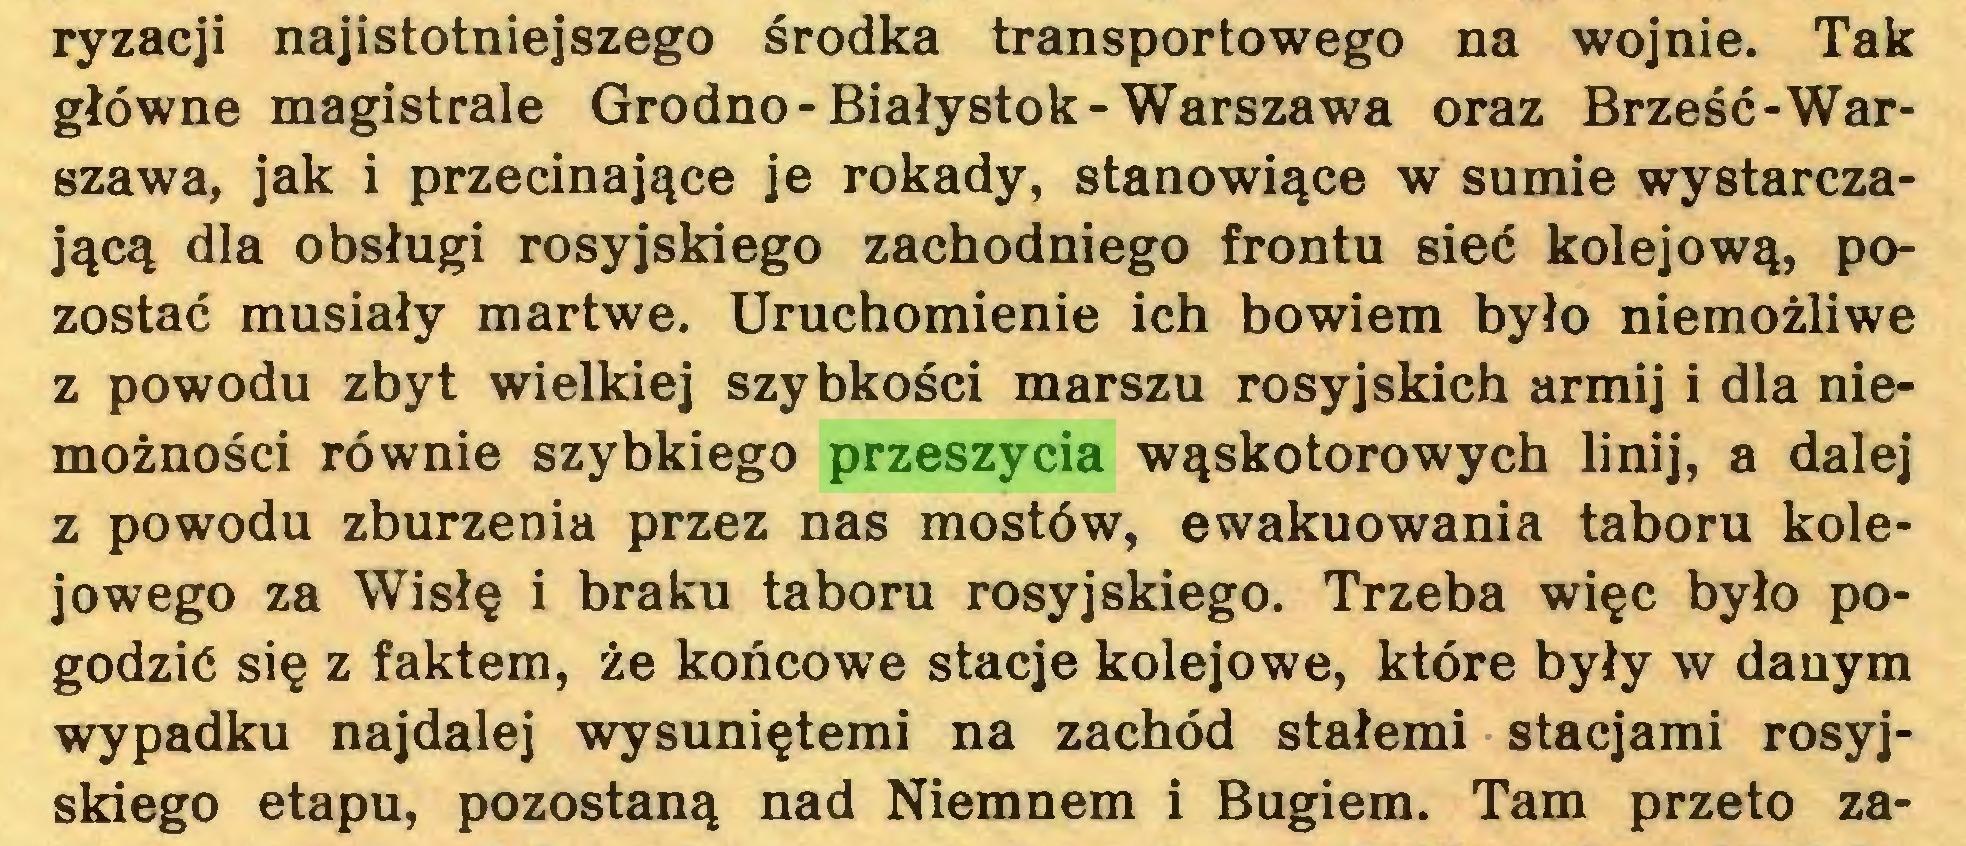 (...) ryzacji najistotniejszego środka transportowego na wojnie. Tak główne magistrale Grodno-Białystok-Warszawa oraz Brześć-Warszawa, jak i przecinające je rokady, stanowiące w sumie wystarczającą dla obsługi rosyjskiego zachodniego frontu sieć kolejową, pozostać musiały martwe. Uruchomienie ich bowiem było niemożliwe z powodu zbyt wielkiej szybkości marszu rosyjskich armij i dla niemożności równie szybkiego przeszycia wąskotorowych linij, a dalej z powodu zburzenia przez nas mostów, ewakuowania taboru kolejowego za Wisłę i braku taboru rosyjskiego. Trzeba więc było pogodzić się z faktem, że końcowe stacje kolejowe, które były w danym wypadku najdalej wysuniętemi na zachód stałemi stacjami rosyjskiego etapu, pozostaną nad Niemnem i Bugiem. Tam przeto za...